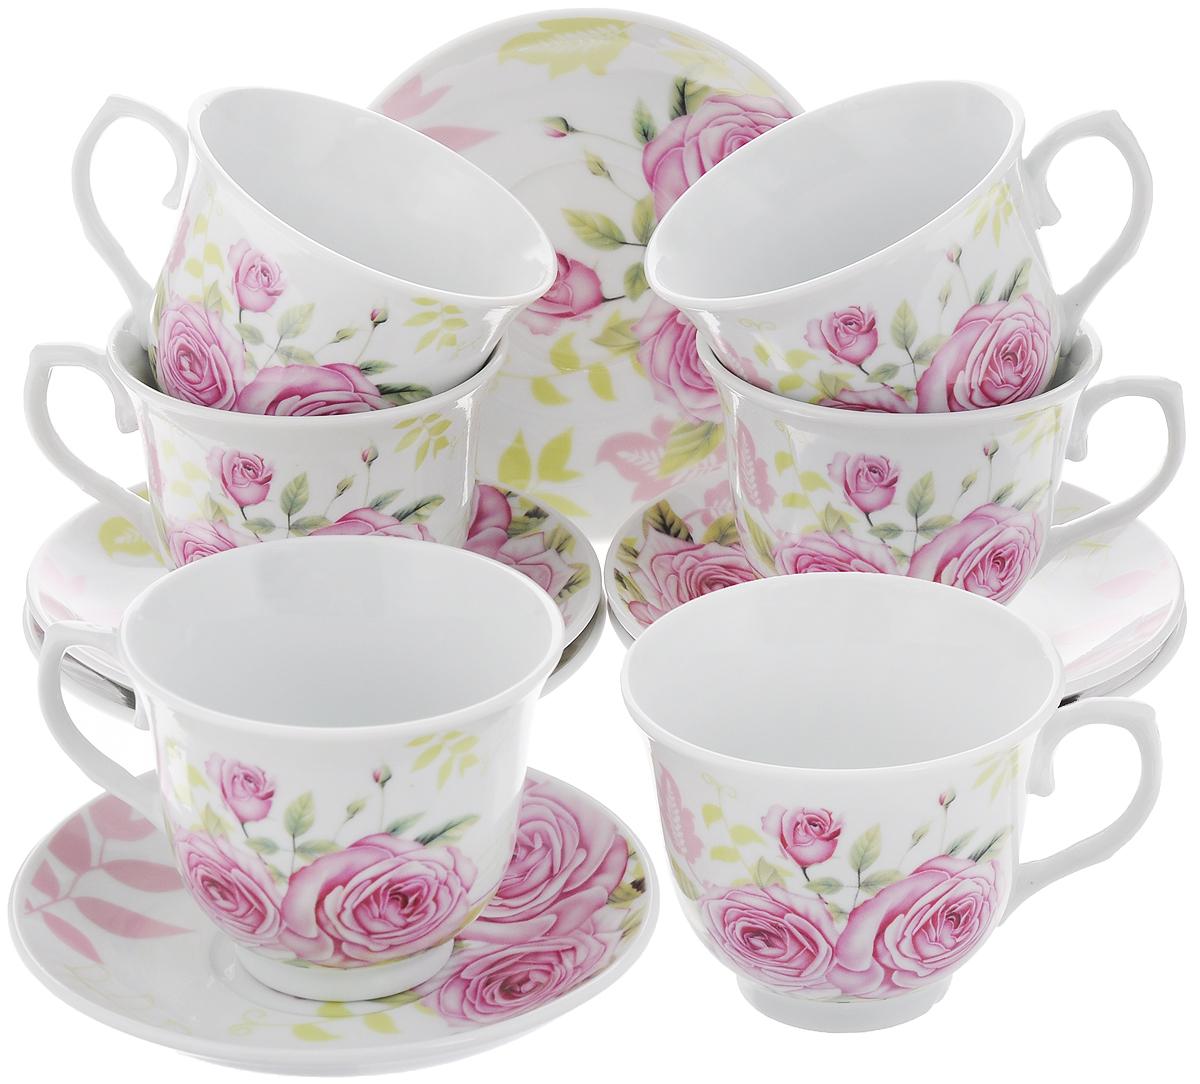 Набор чайный Loraine, 12 предметов. 2577925779Чайный набор Loraine состоит из 6 чашек и 6 блюдец. Изделия выполнены из высококачественного костяного фарфора и оформлены цветочным рисунком. Такой набор дополнит сервировку стола к чаепитию. Благодаря изысканному дизайну и качеству исполнения, он станет замечательным подарком для ваших друзей и близких. Набор упакован в подарочную коробку, задрапированную белой атласной тканью. Объем чашки: 220 мл. Диаметр чашки по верхнему краю: 8,7 см. Высота чашки: 7,5 см. Диаметр блюдца: 13,5 см.Высота блюдца: 2,2 см.